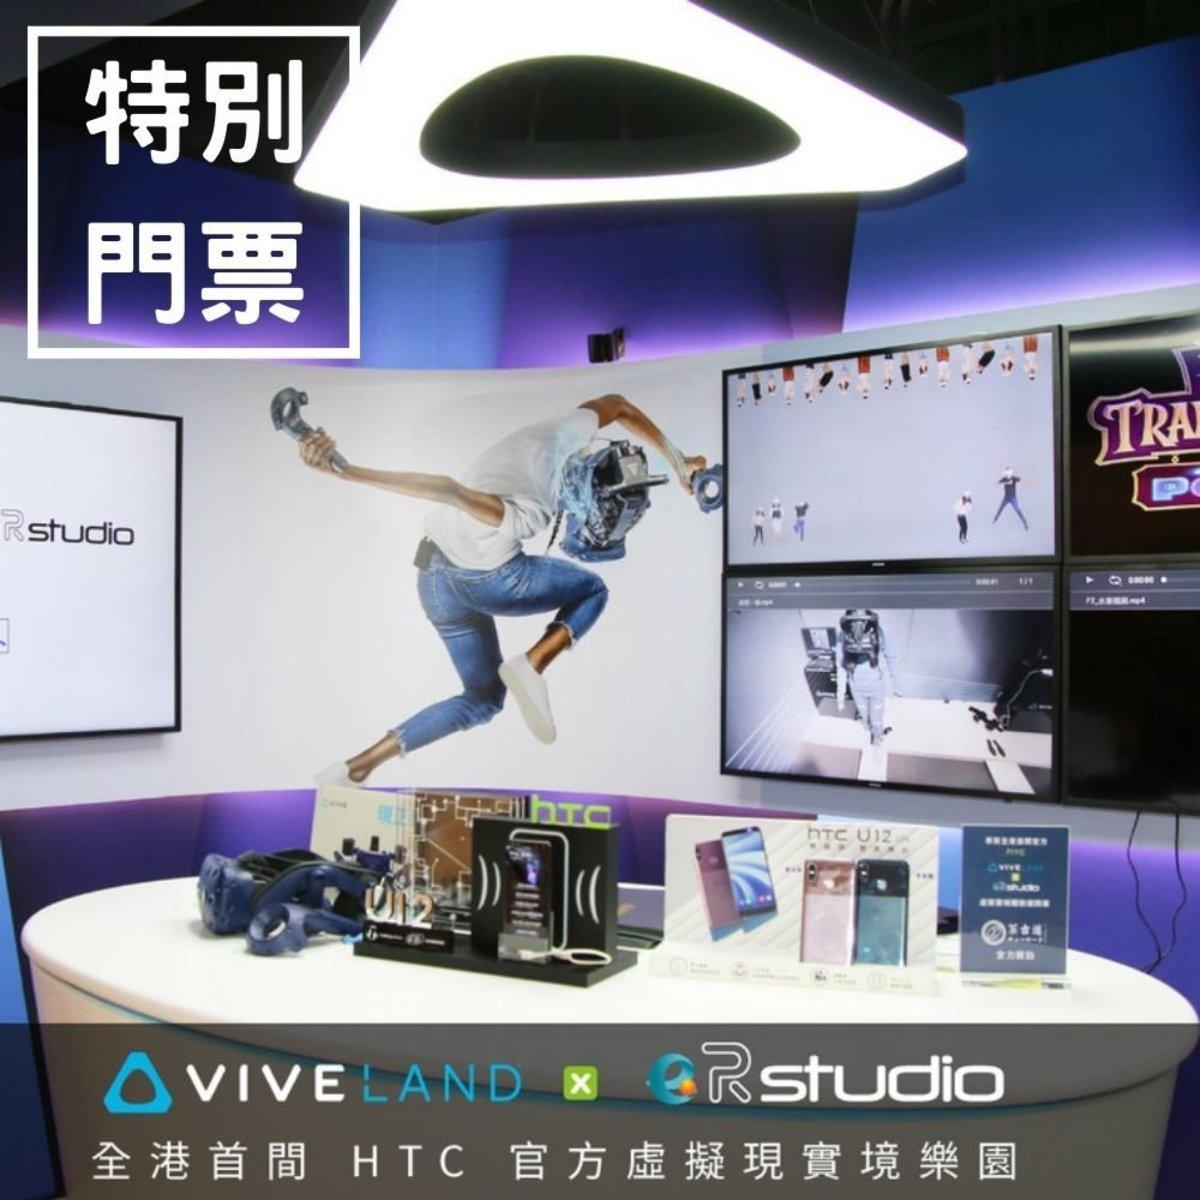 VIVELAND x E.R Studio VR Park Gift Ticket (Original Price HKD298)